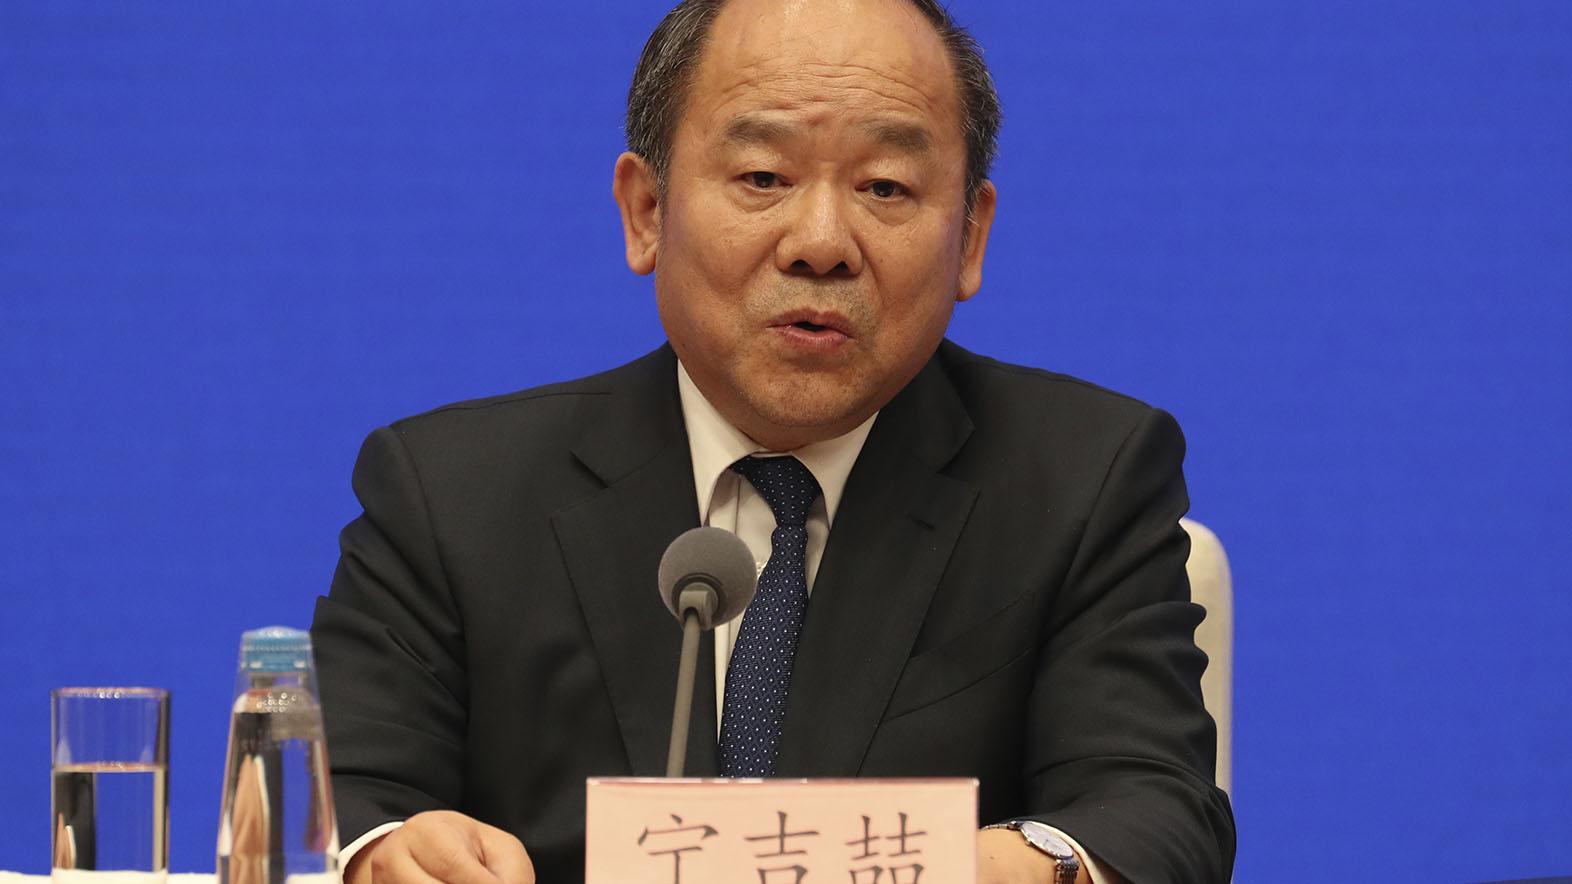 国家统计局局长宁吉喆在记者会上。(美联社)